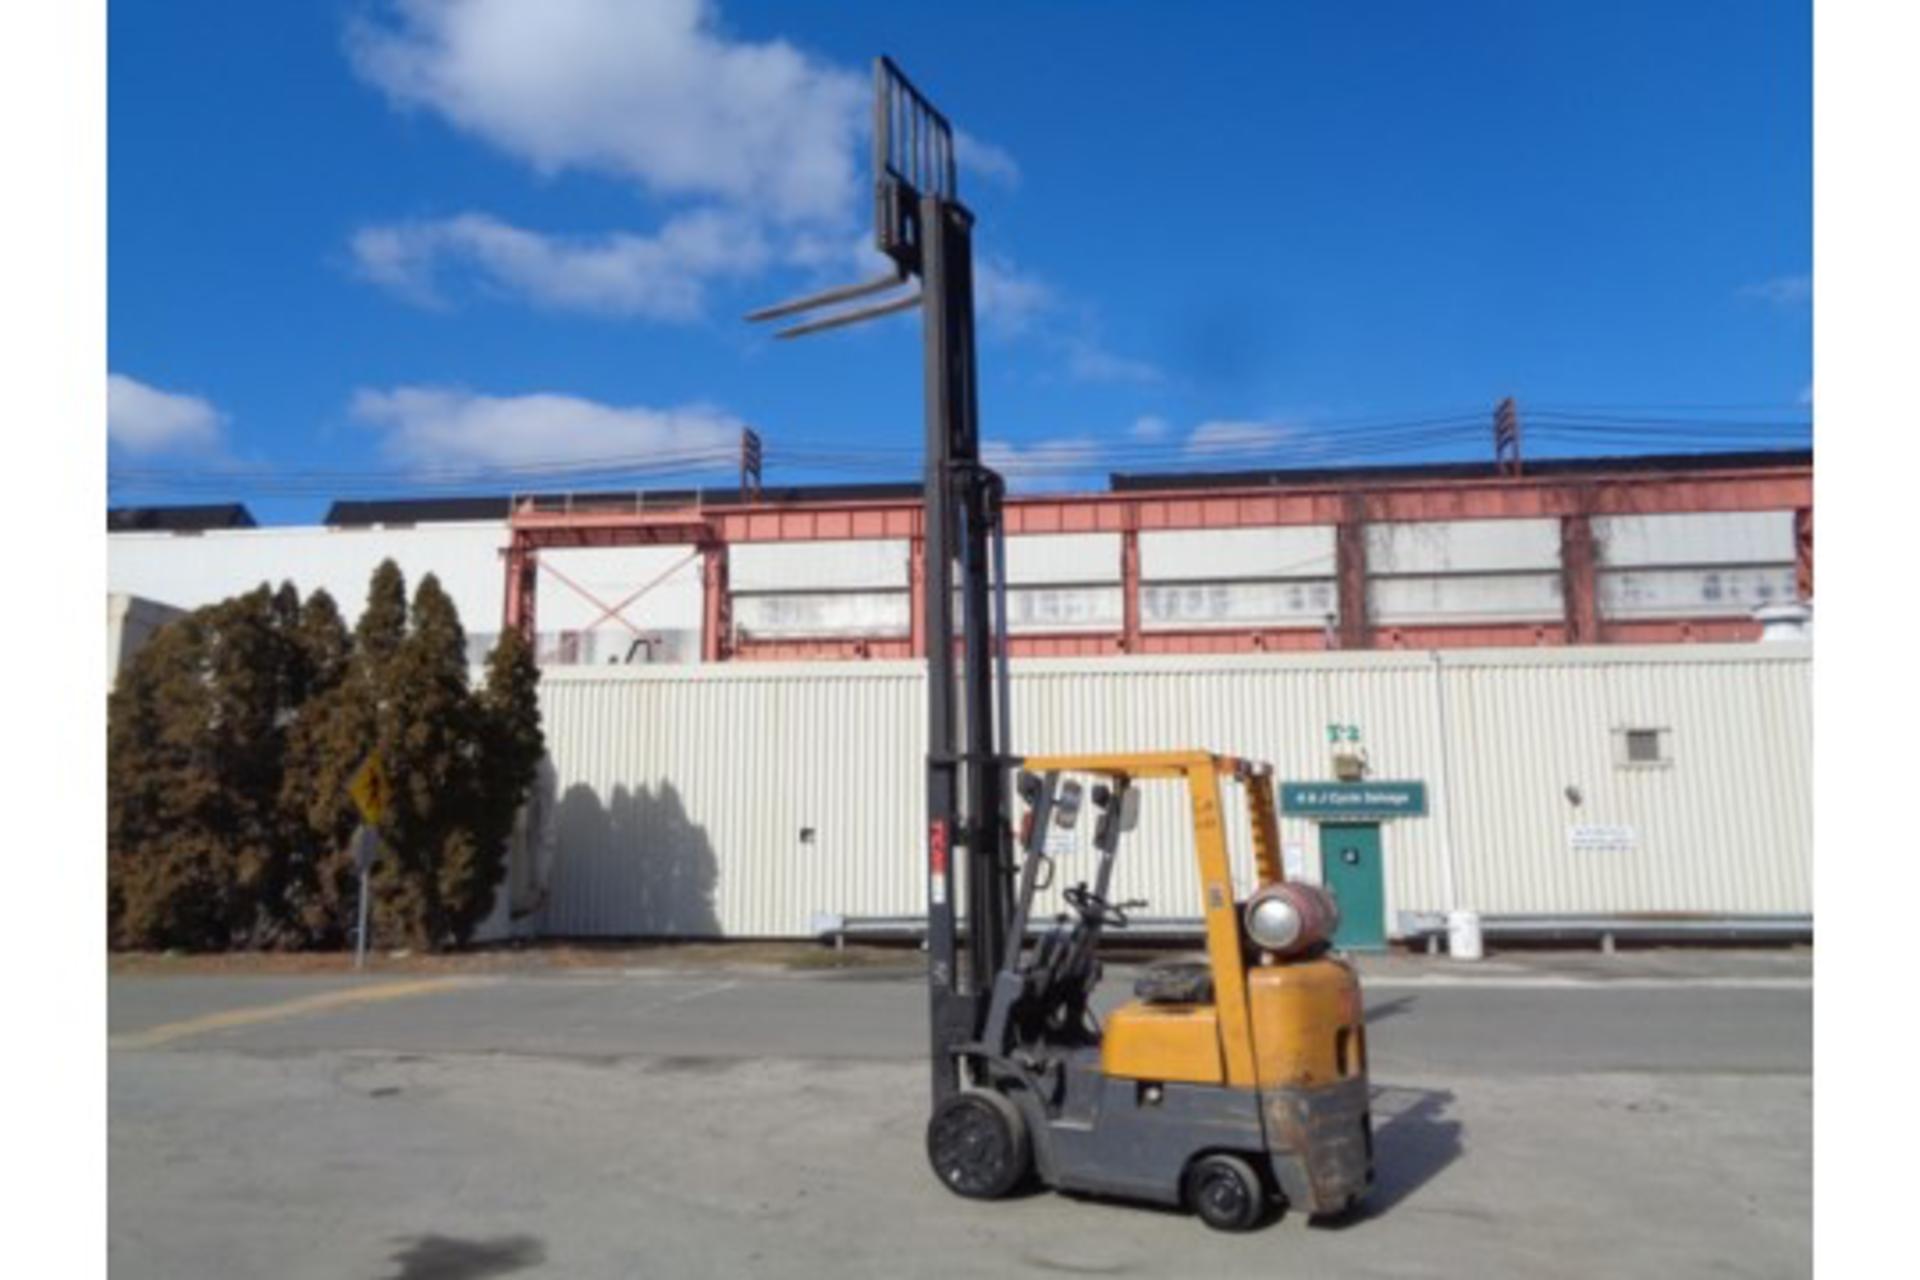 TCM FCG15F9 3,000lb Forklift - Image 13 of 16